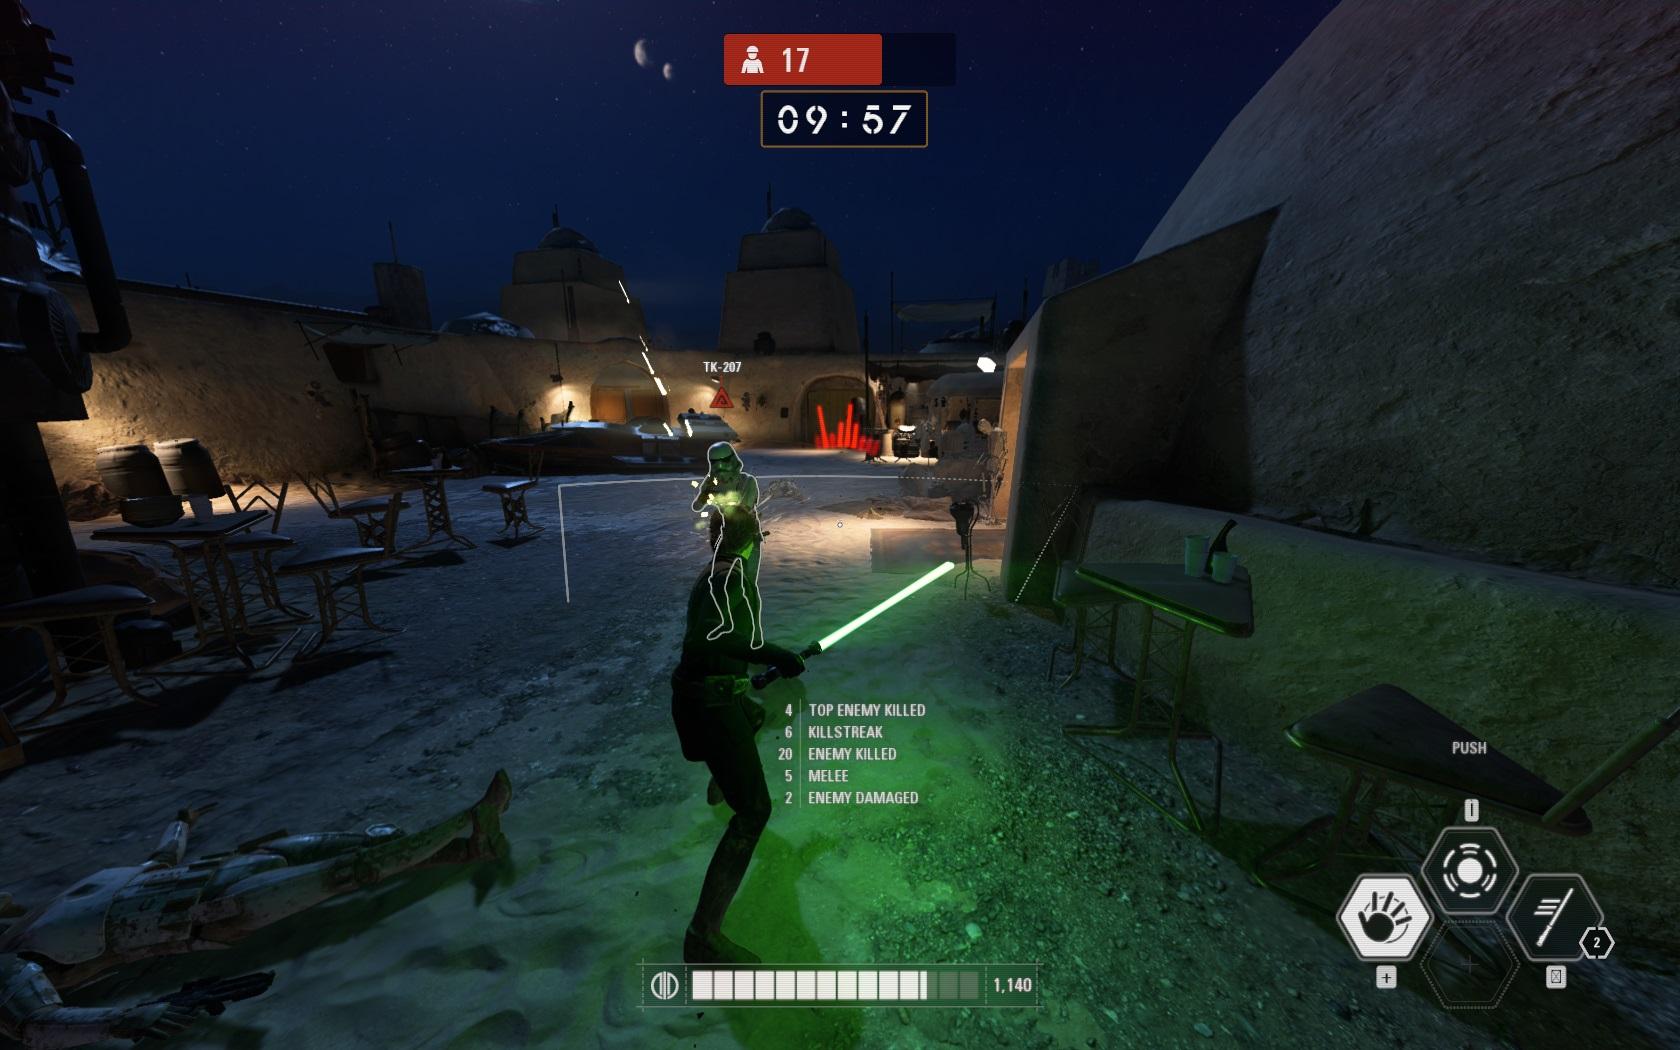 Patch Star Wars: Battlefrontu 2 přidává mapu pro Blast a hrdinskou stíhačku TIE 154893